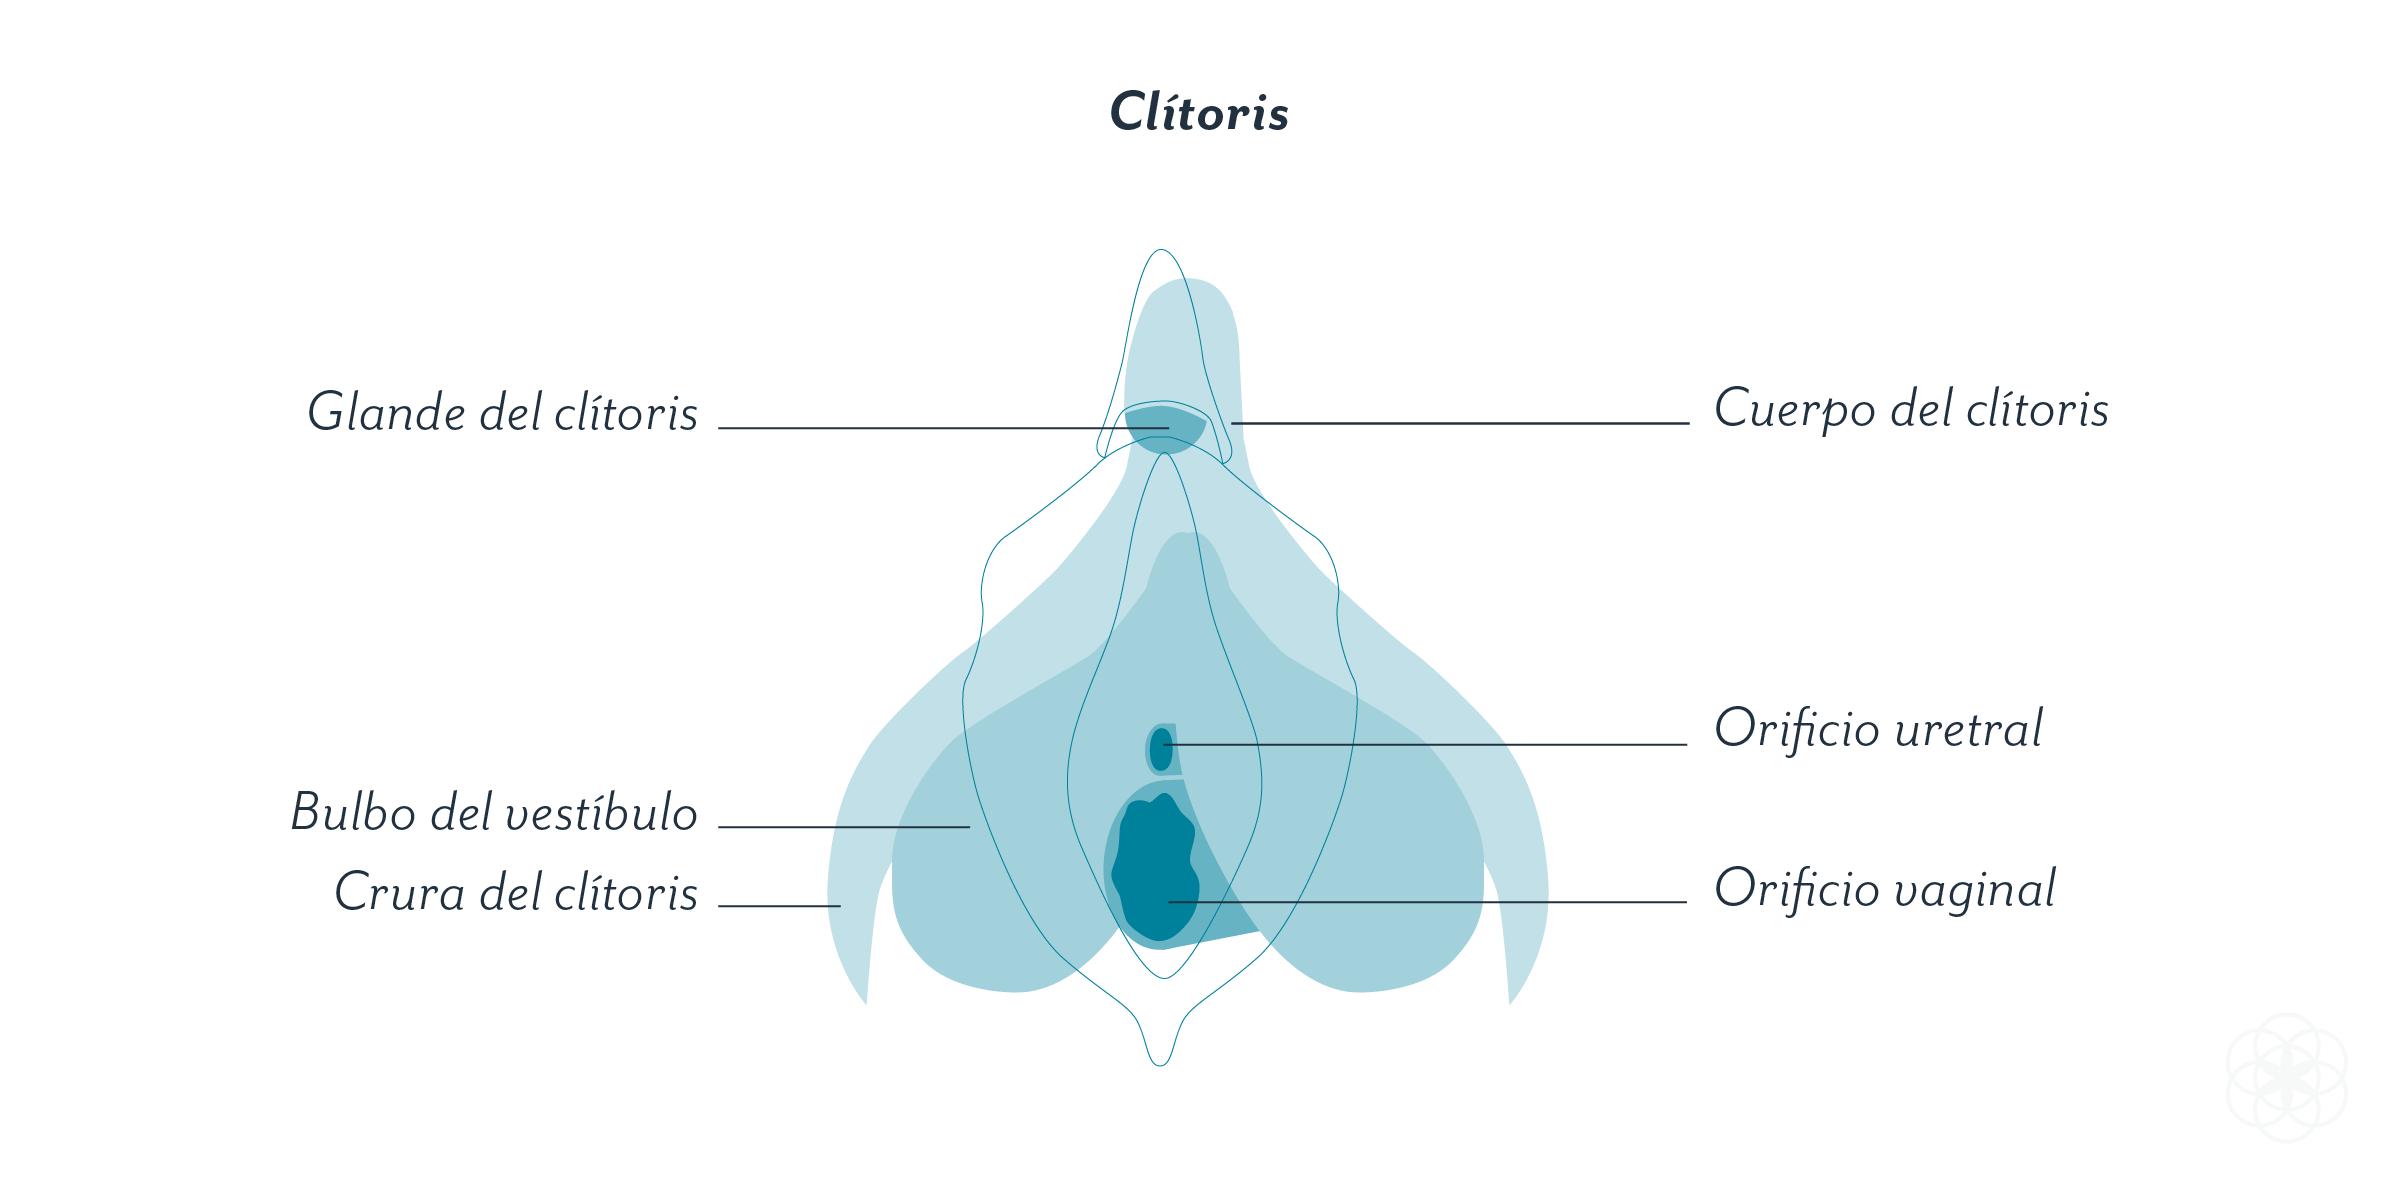 Qué es (y donde está) el clítoris?